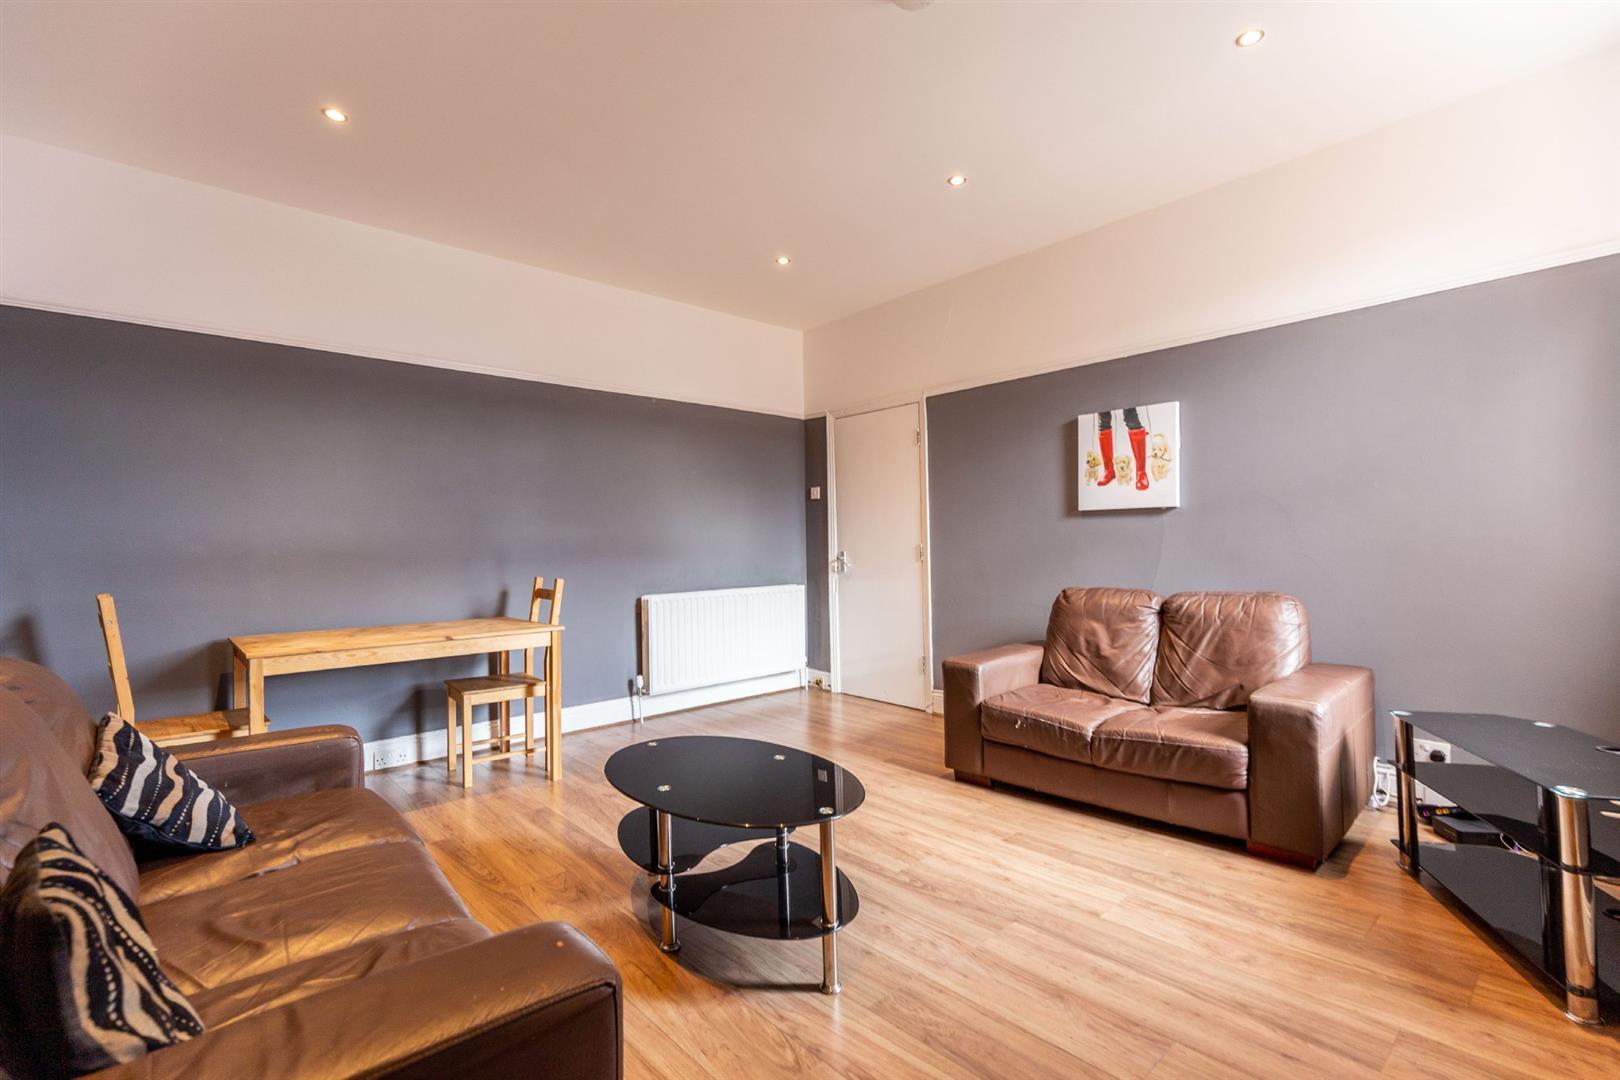 5 bed maisonette to rent in Newcastle Upon Tyne, NE6 5LS, NE6